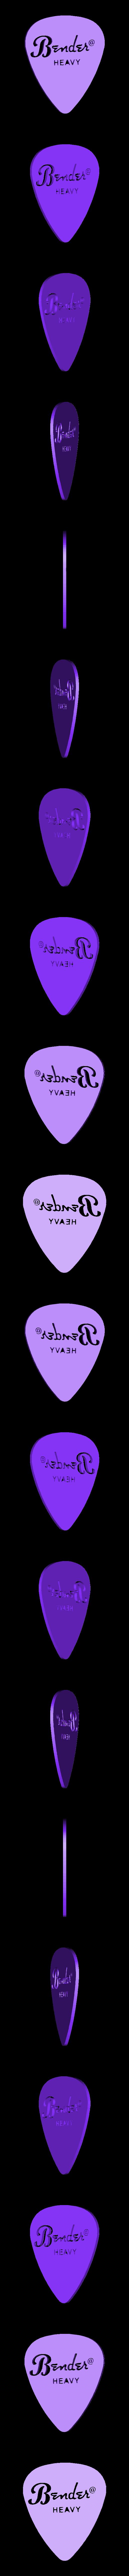 Bender_Heavy_Pick_2.stl Télécharger fichier STL gratuit Collection unique de plectres pour guitare • Design pour imprimante 3D, Ender3PrintingFan1